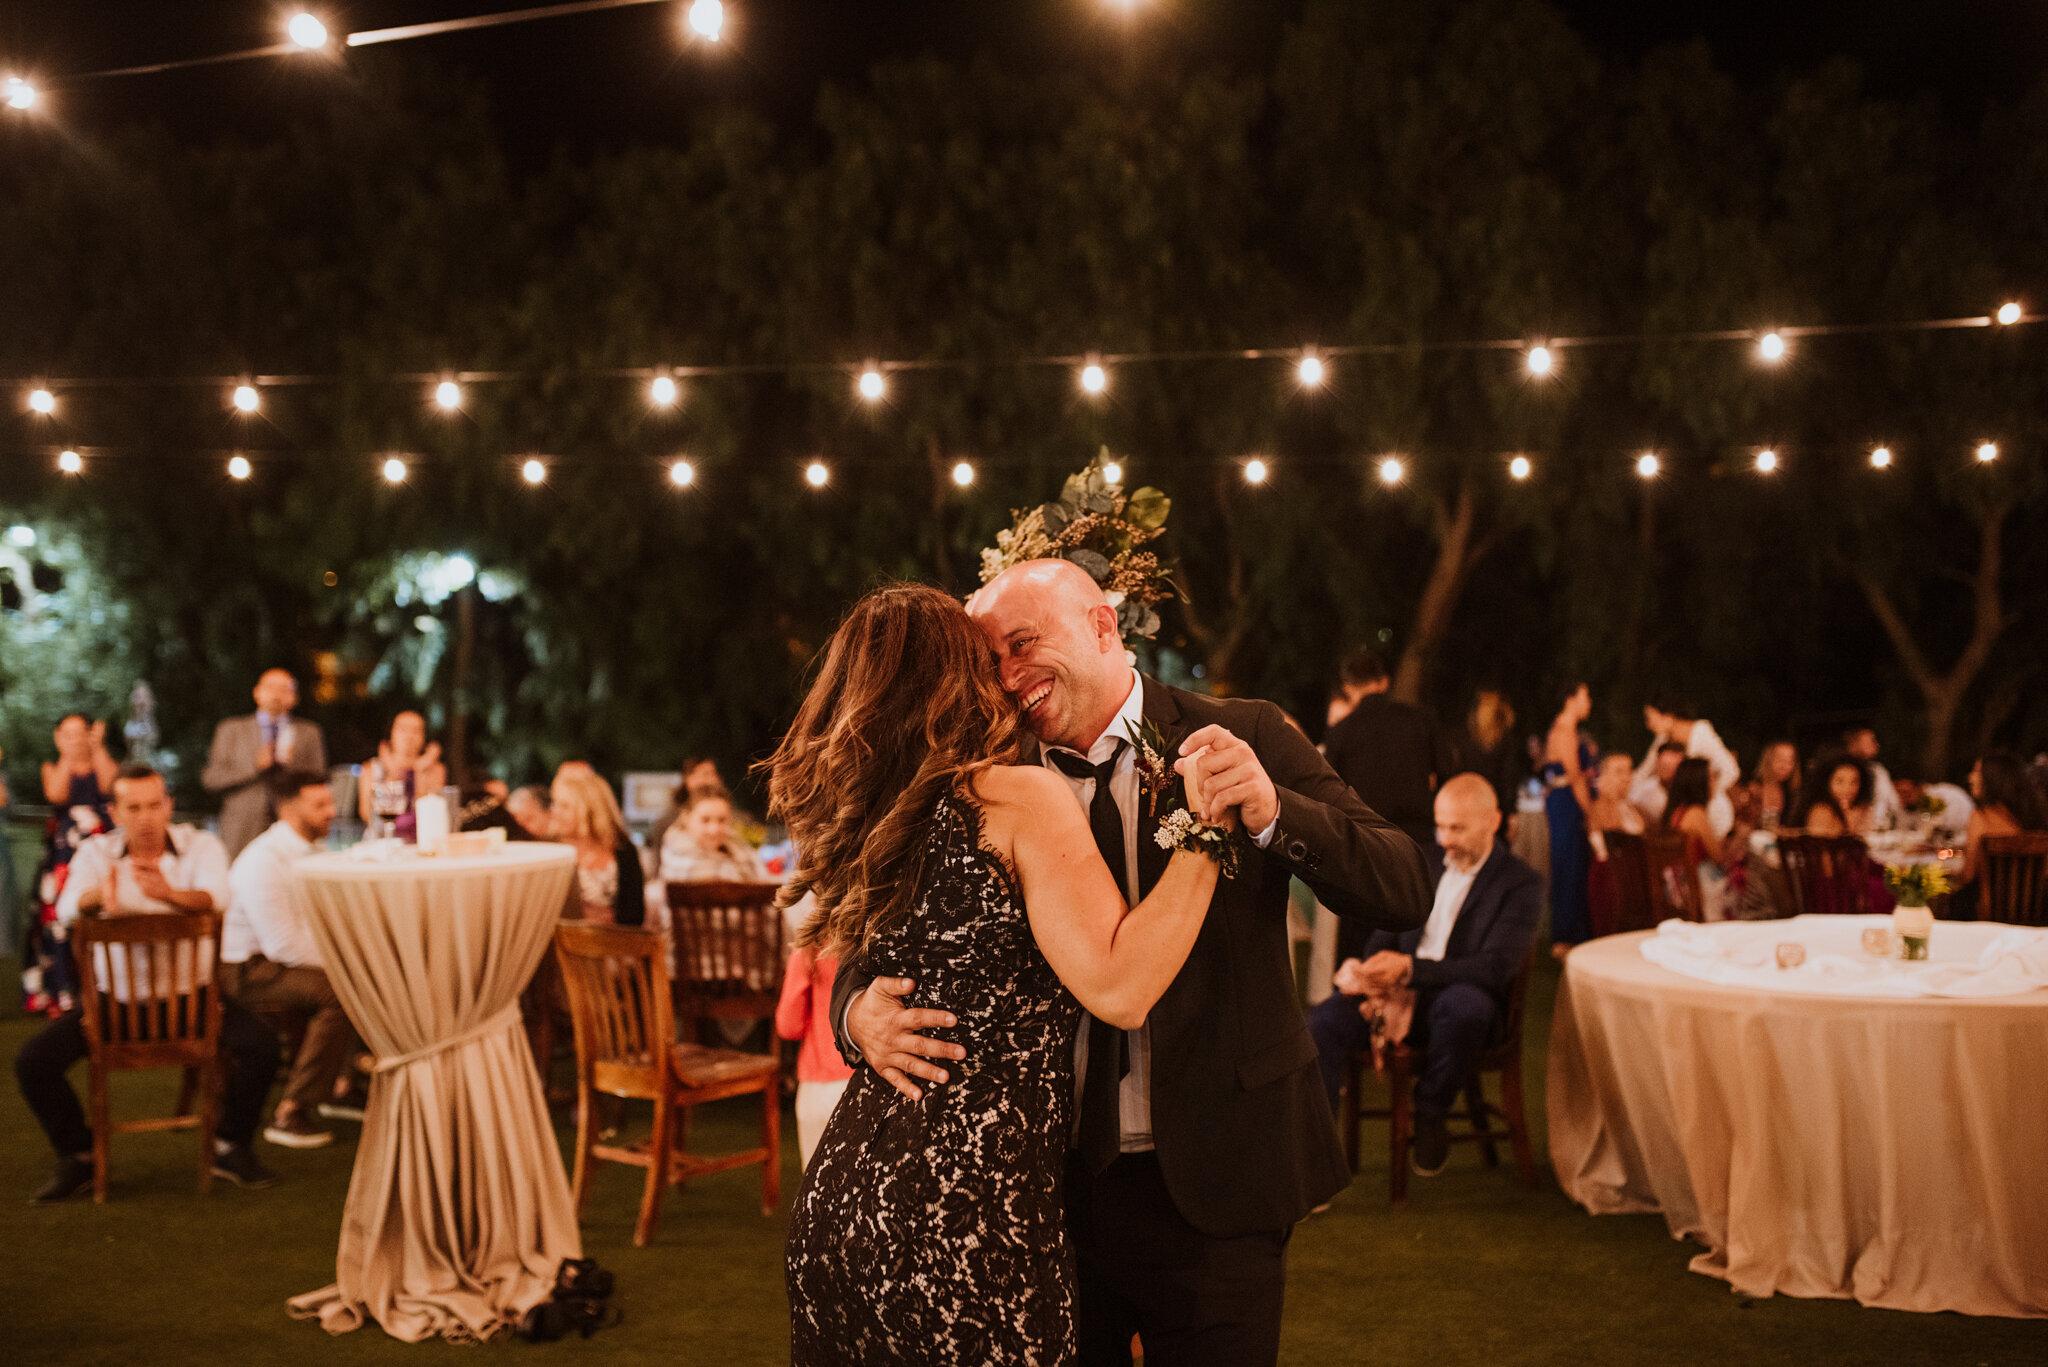 fotografo de bodas las palmas_-136.jpg